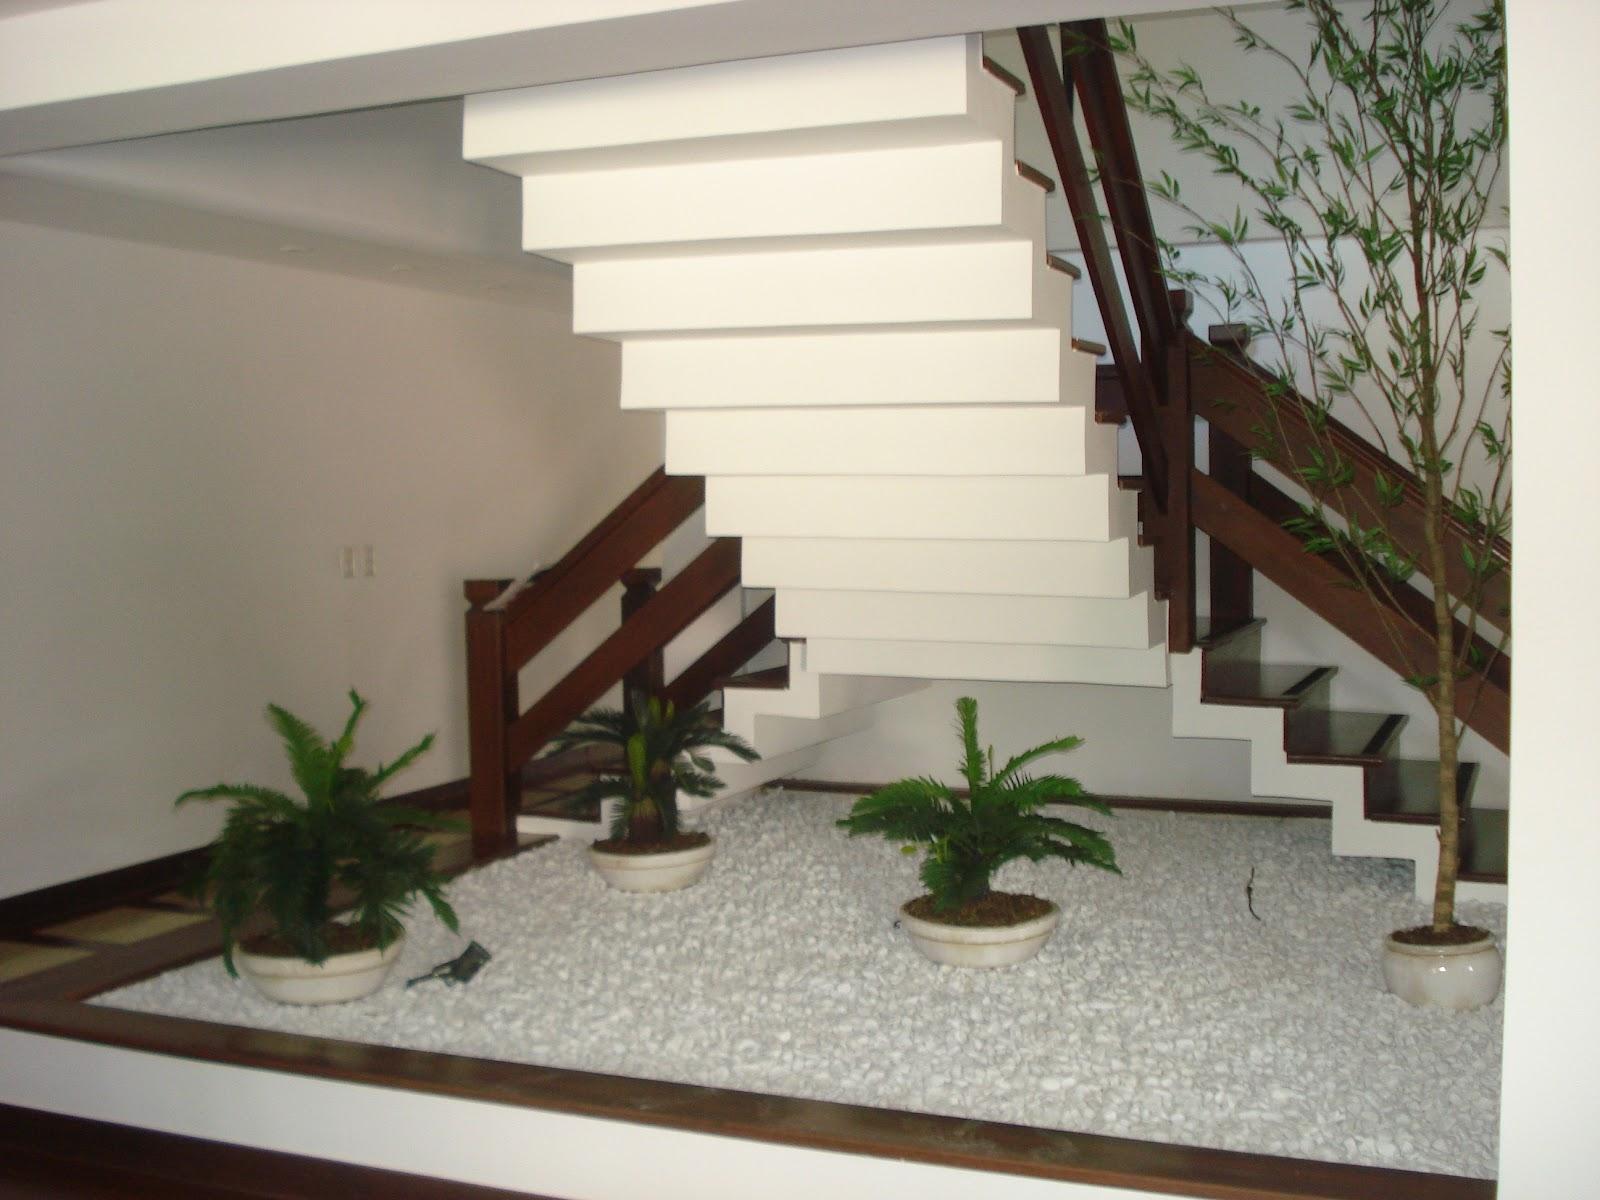 escada no jardim de inverno:Ateliê Jardim: Arte e Paisagismo: Jardim  #332A1D 1600 1200